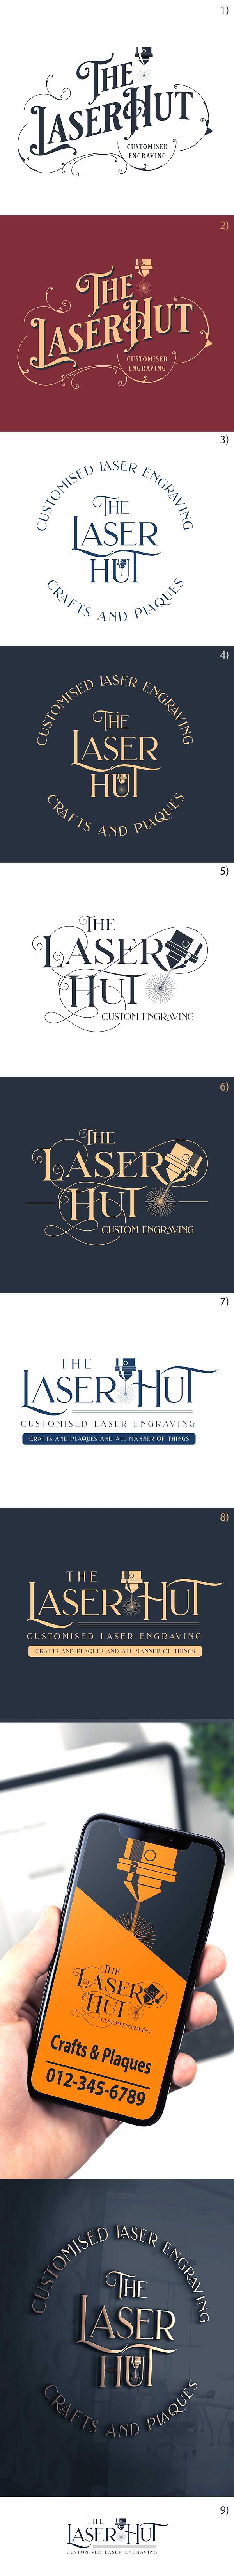 Vertical-Laser-Hut-2.jpg